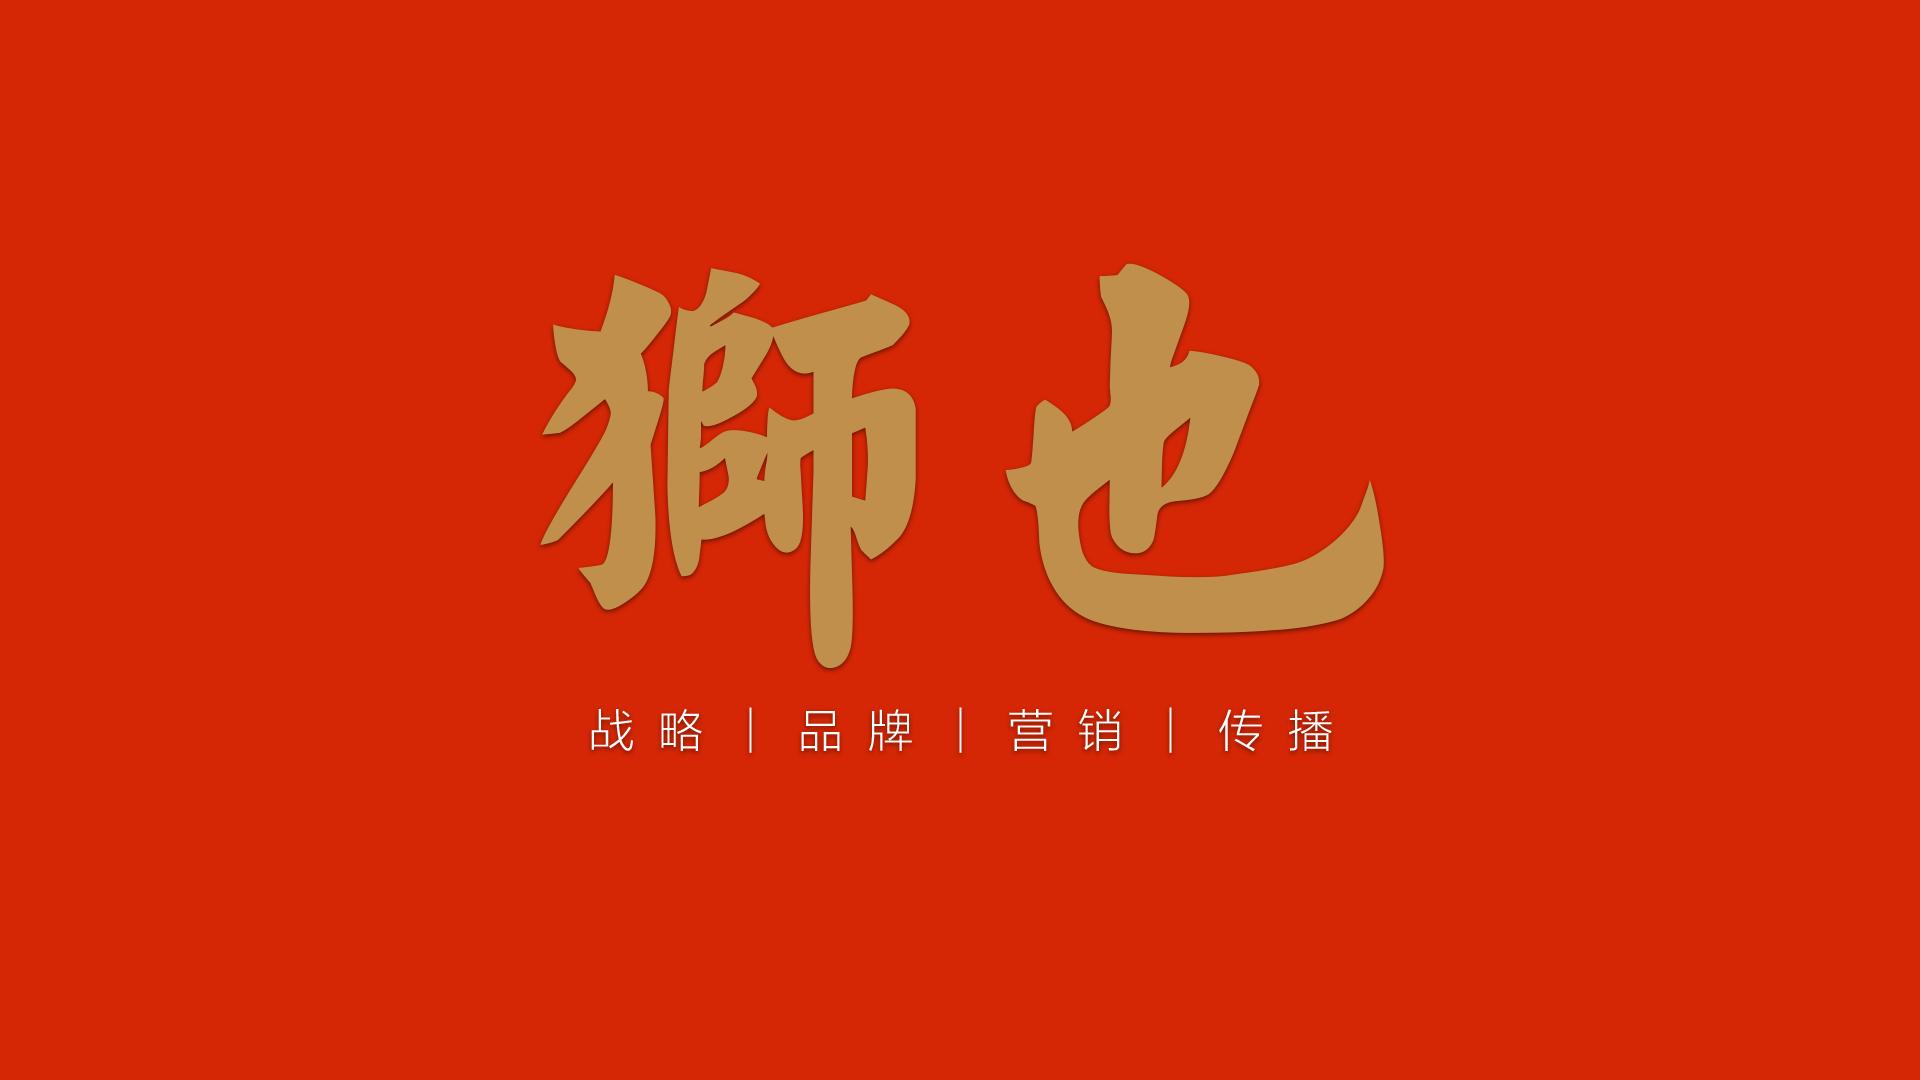 2018年七夕情人节经典广告语 促销口号—山东济南狮也战略品牌营销策划咨询顾问公司